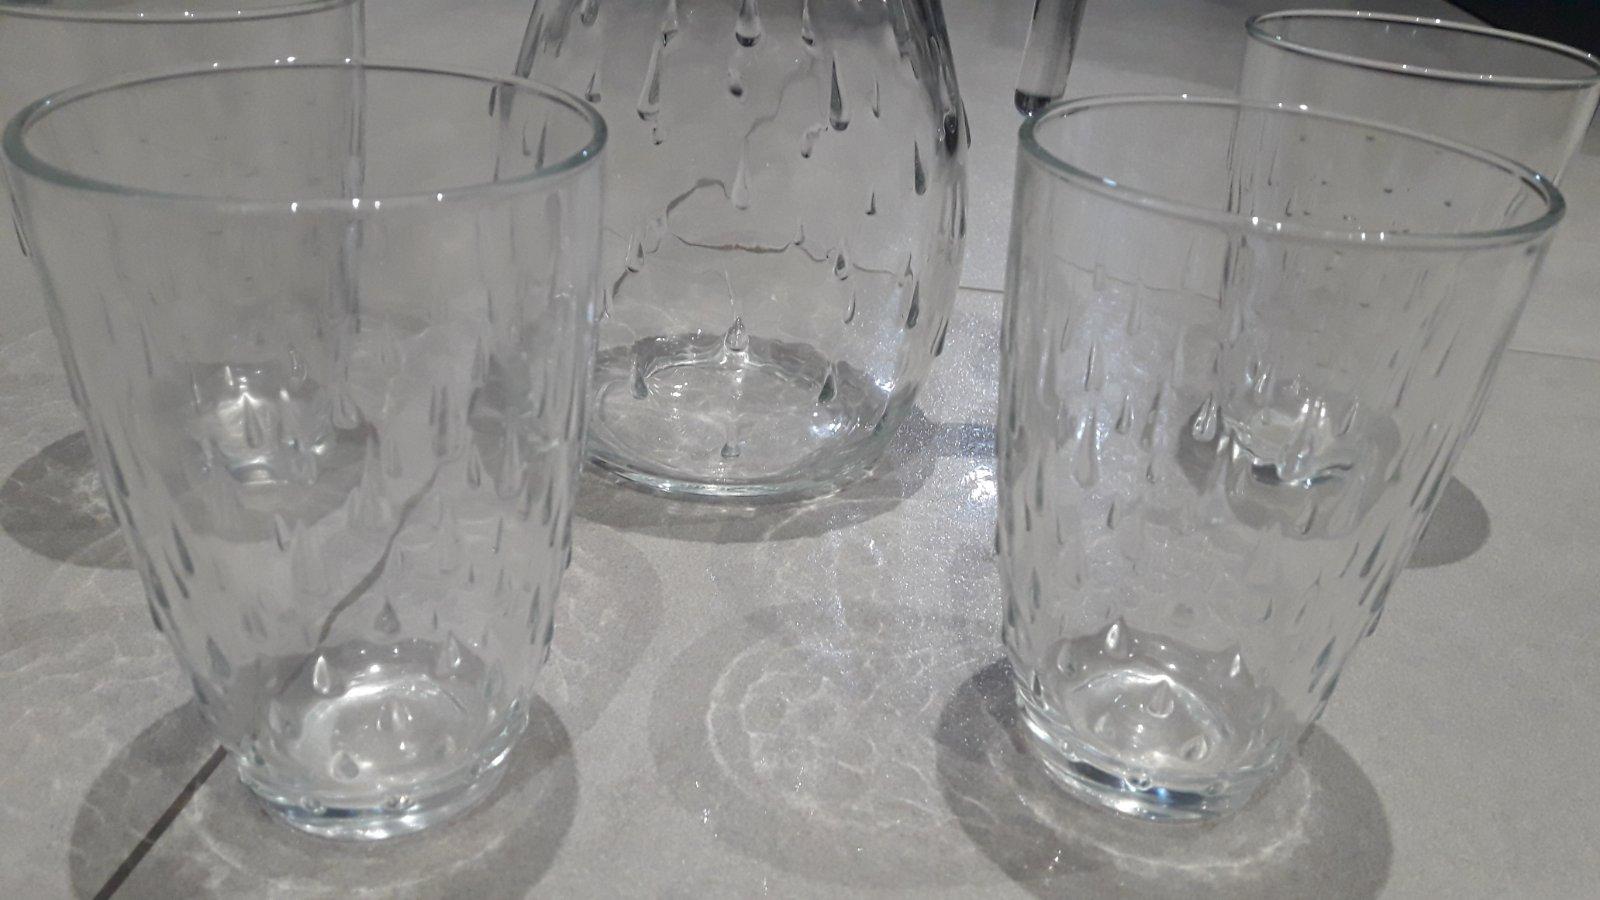 Sklenený ďžbán a poháre na víno alebo vodu - Obrázok č. 3